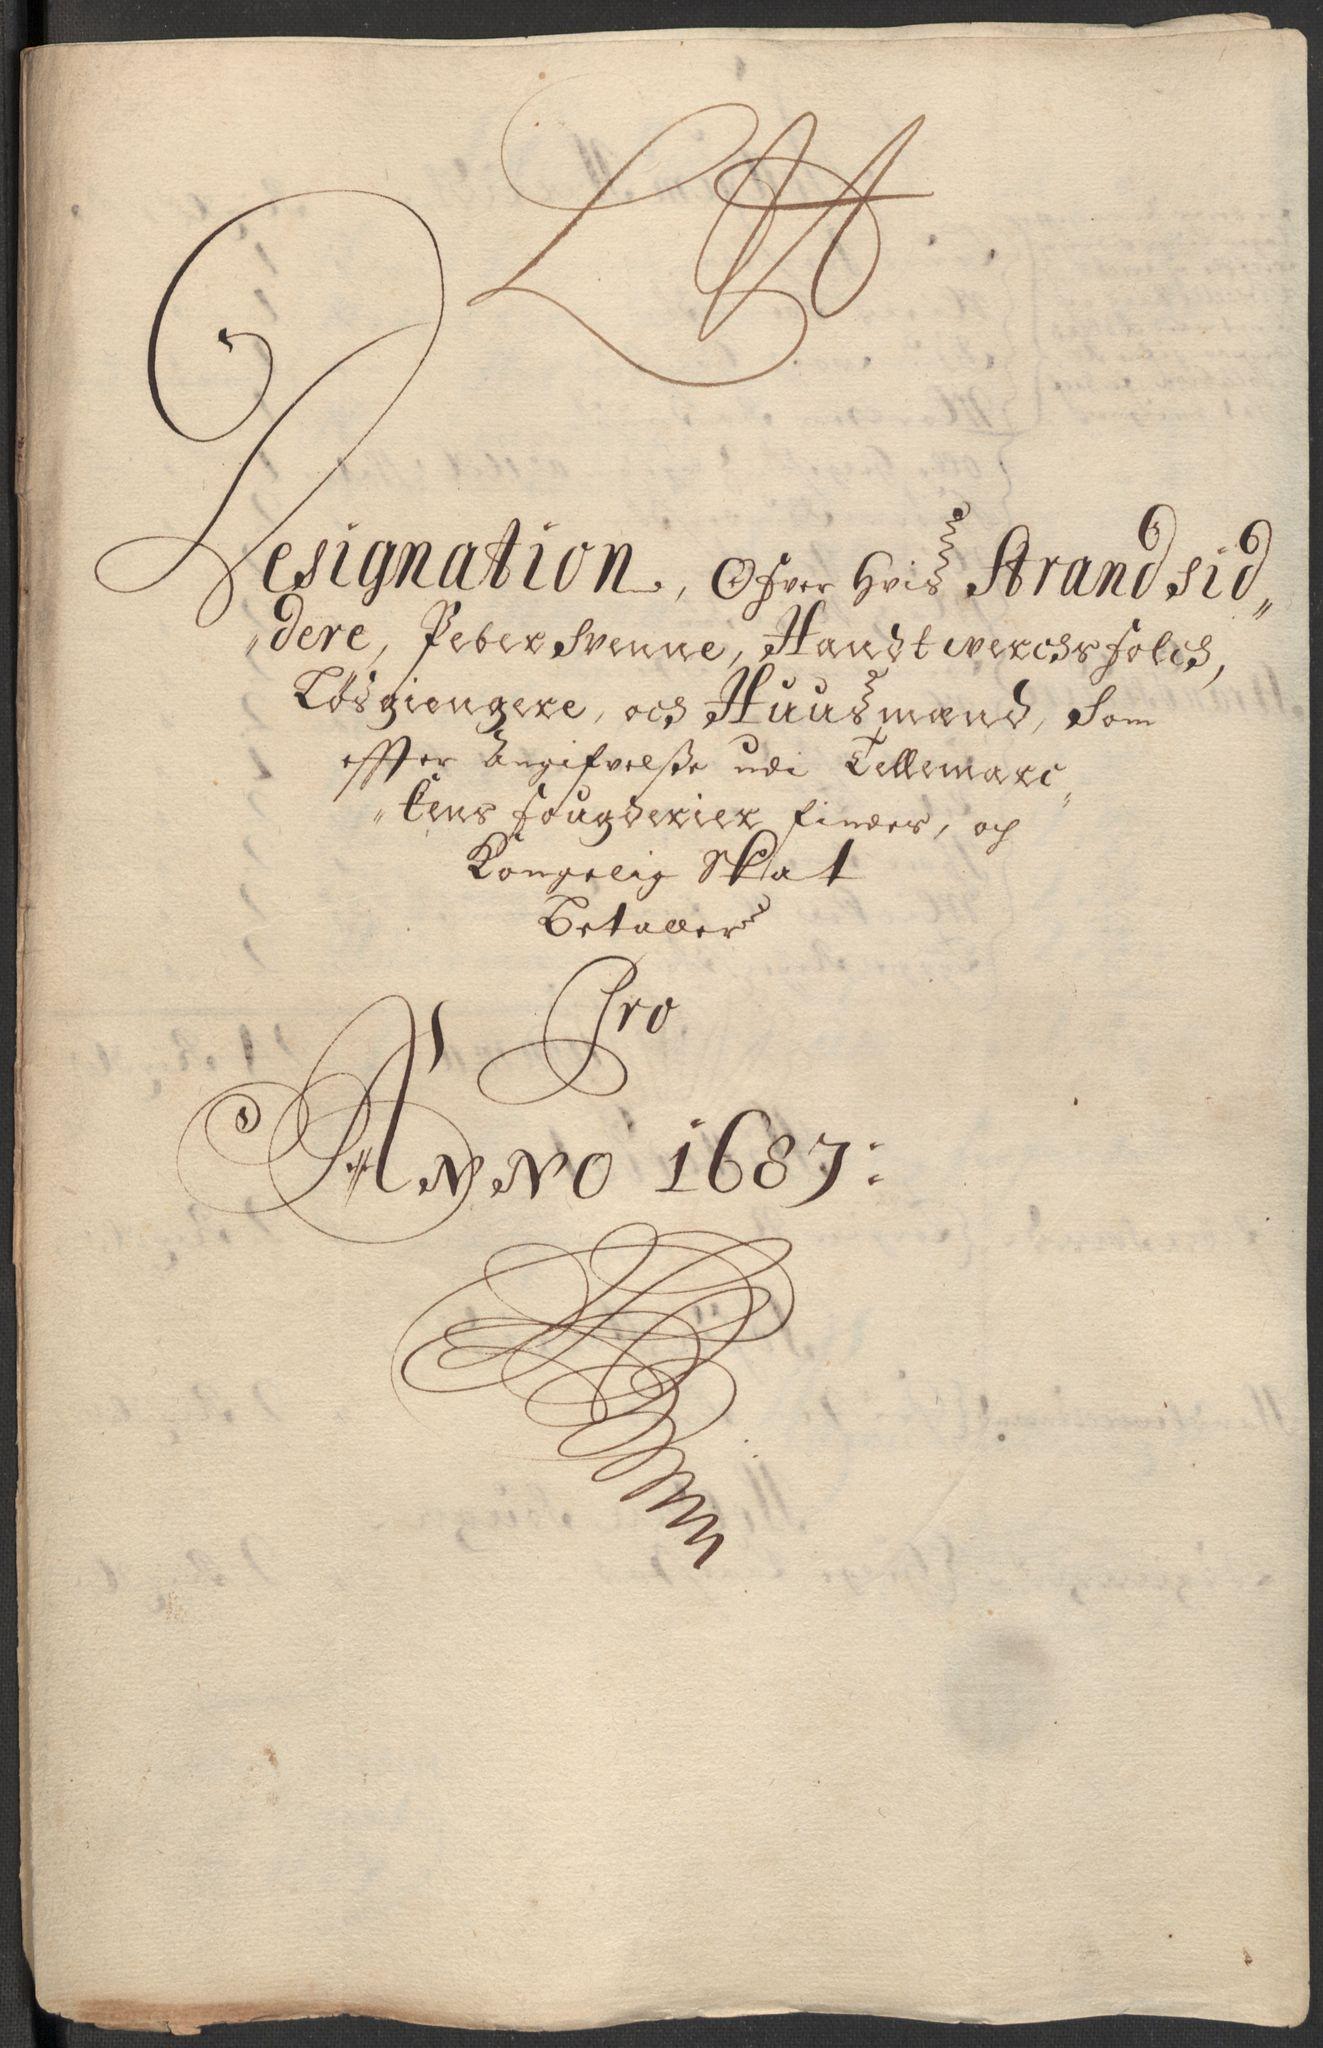 RA, Rentekammeret inntil 1814, Reviderte regnskaper, Fogderegnskap, R35/L2086: Fogderegnskap Øvre og Nedre Telemark, 1687-1689, s. 124